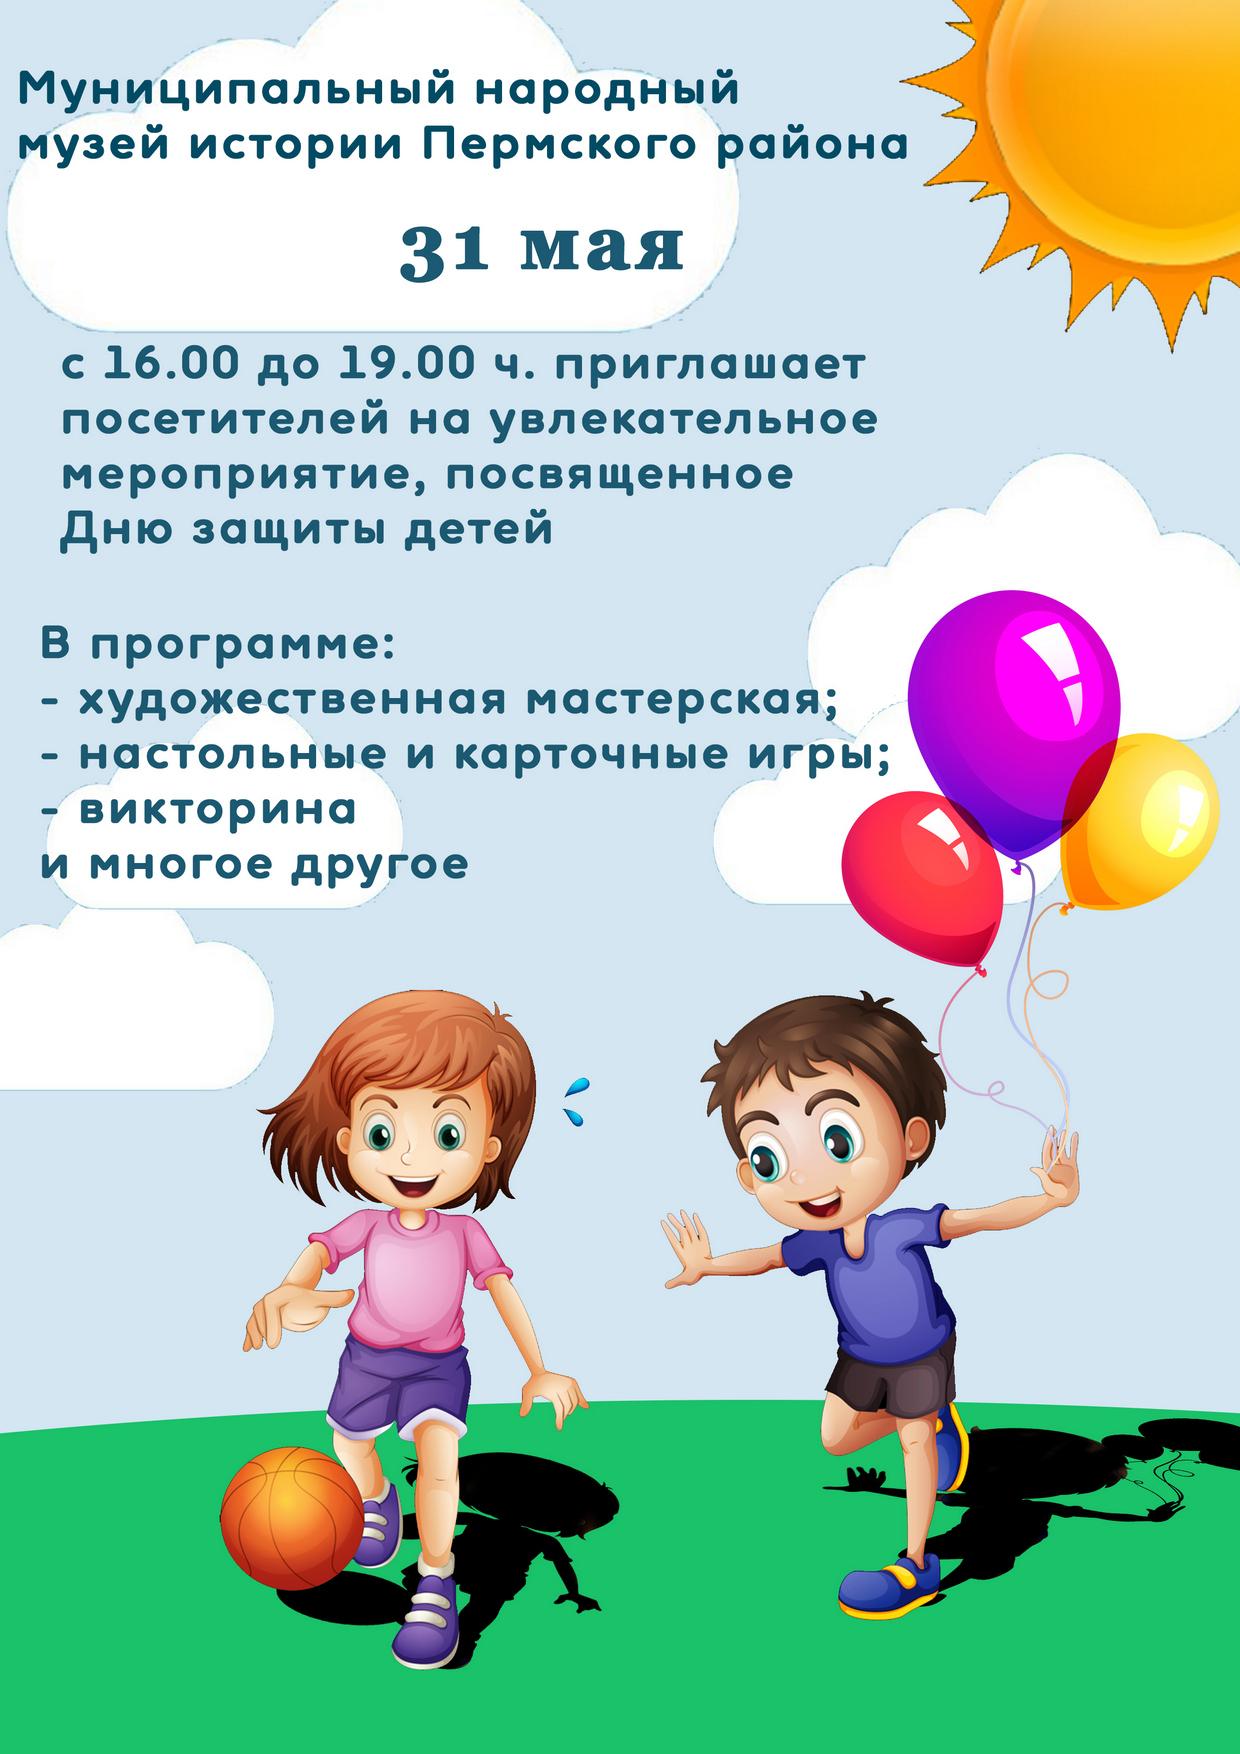 Мероприятие ко Дню защиты детей